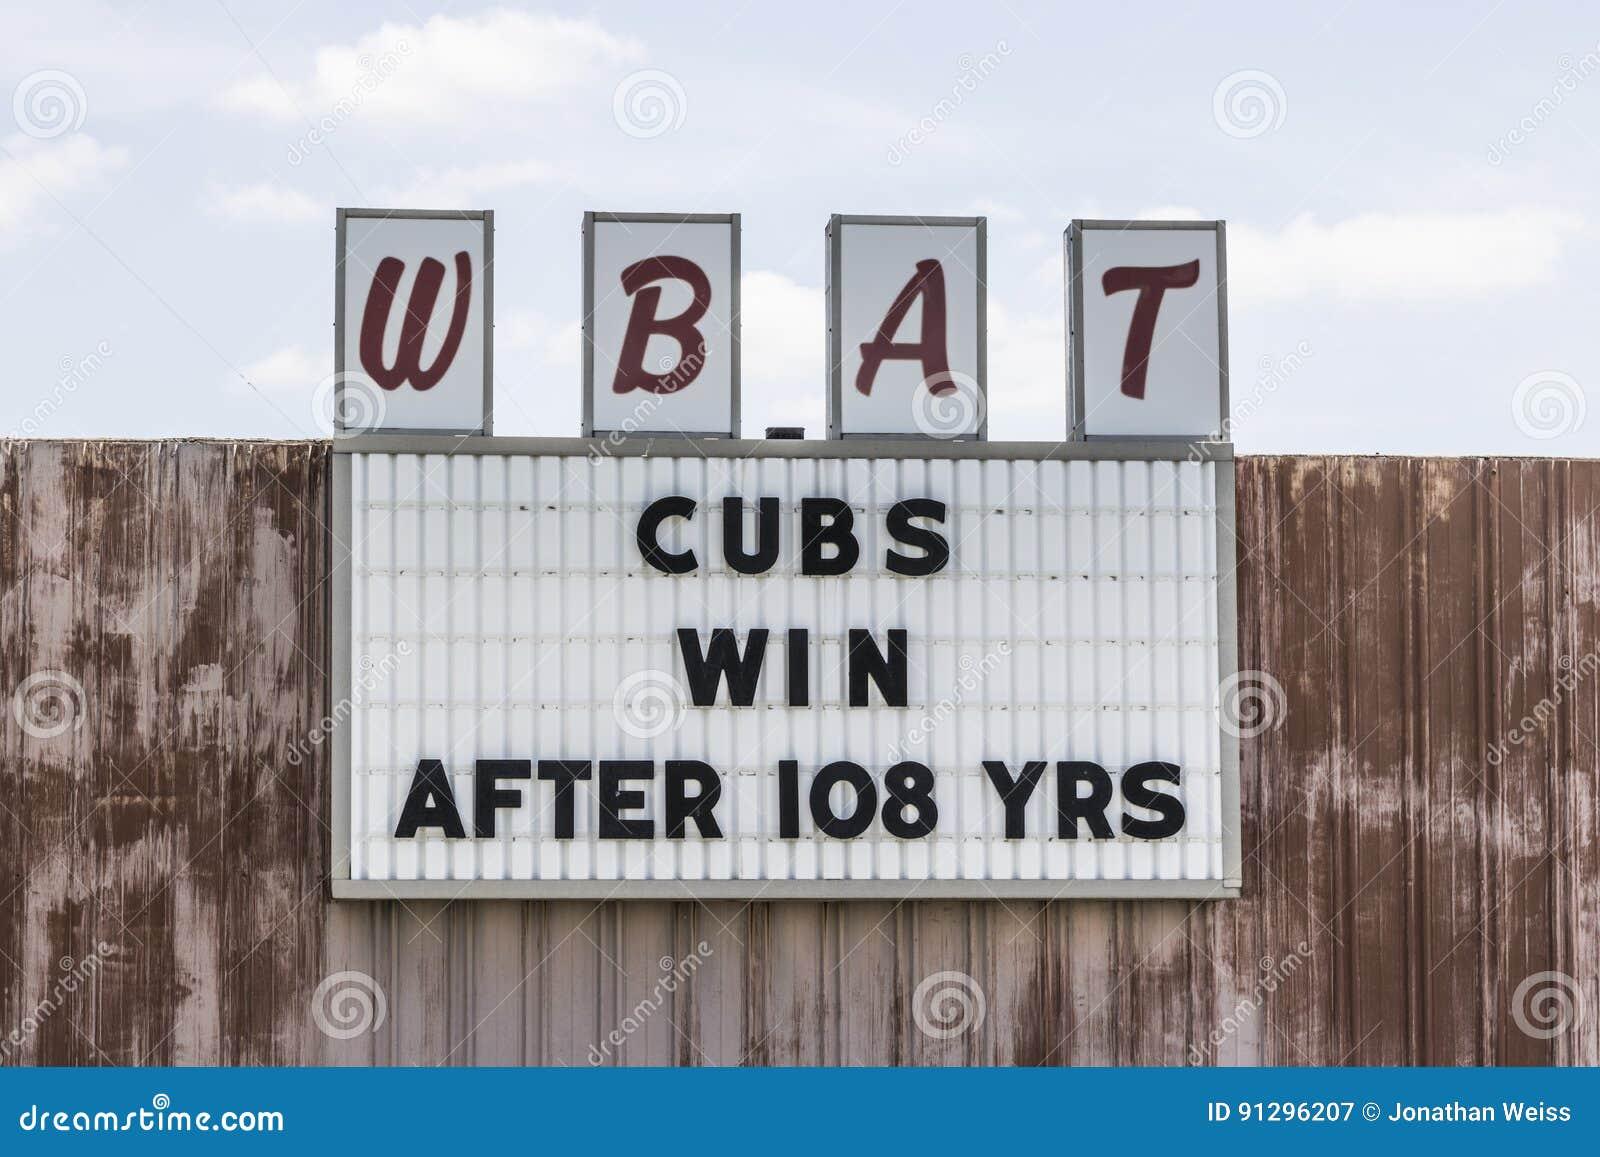 Marion - Circa April 2017: Sportradiostationen WBAT 1400 f.m. firar segern I för Chicago Cubsvärldsserien